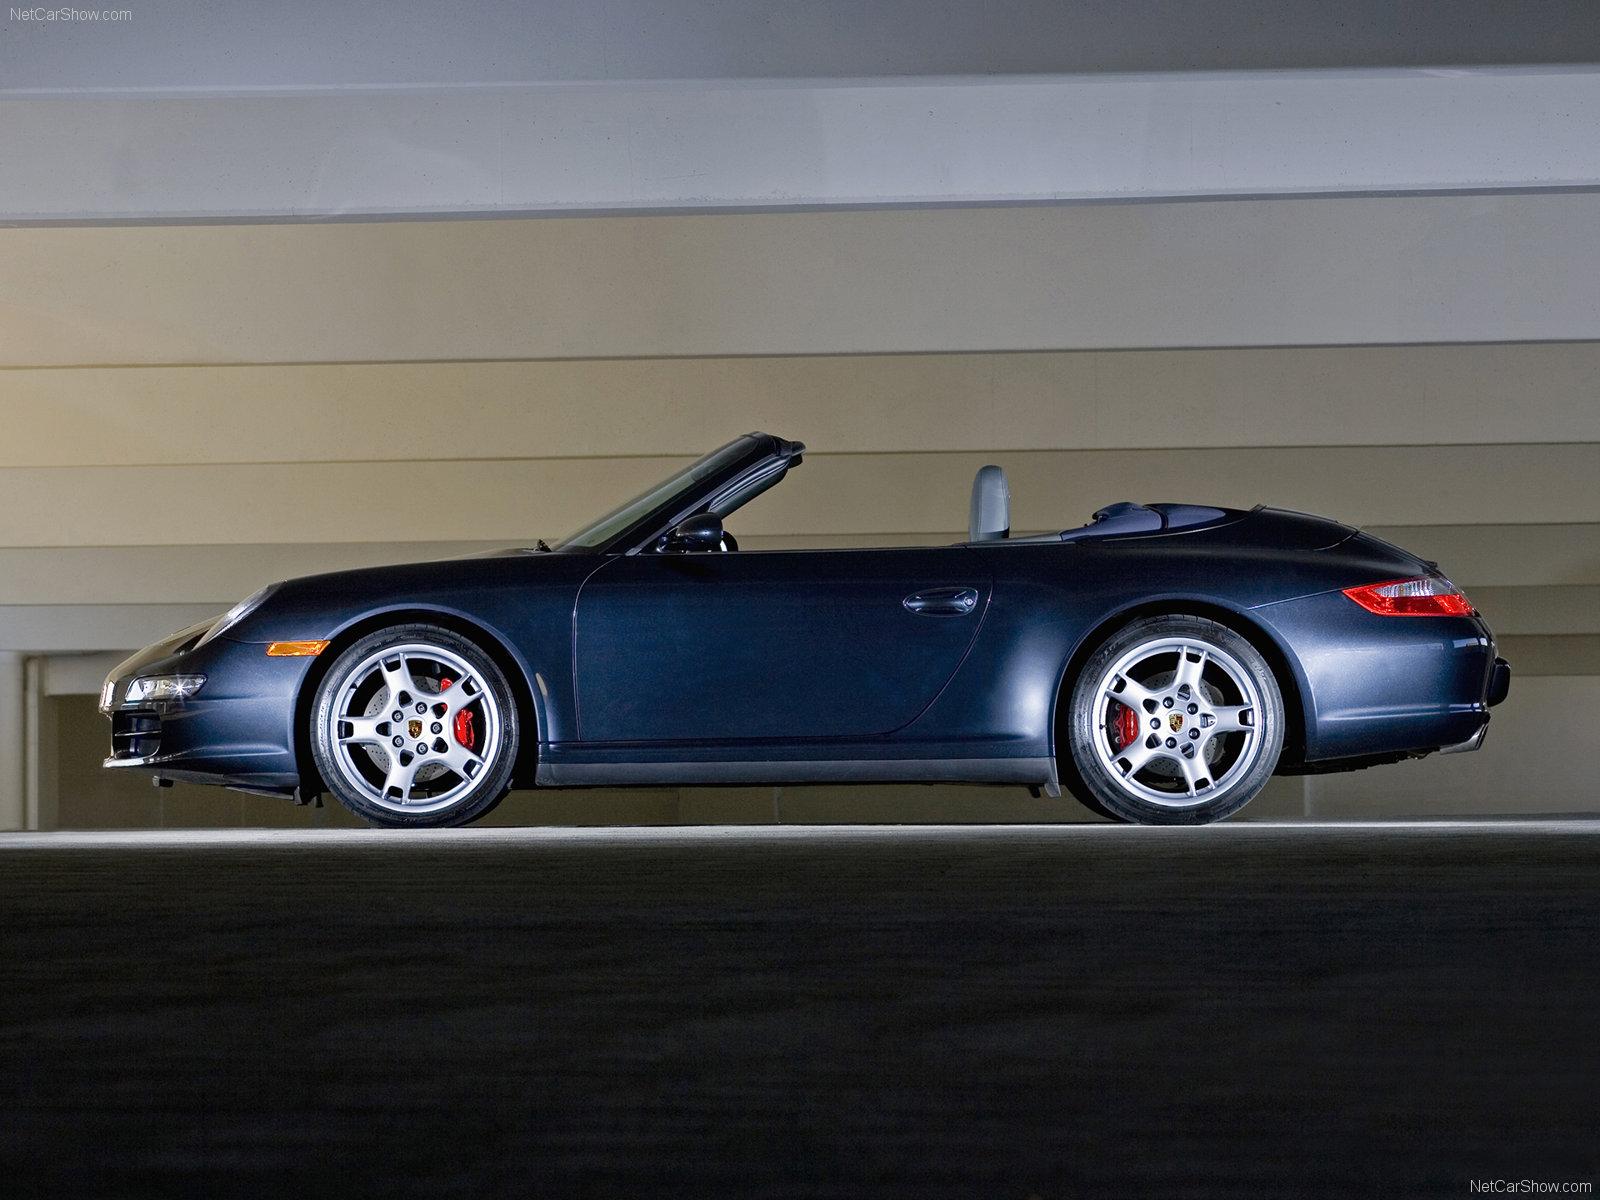 Porsche S Used Cayenne